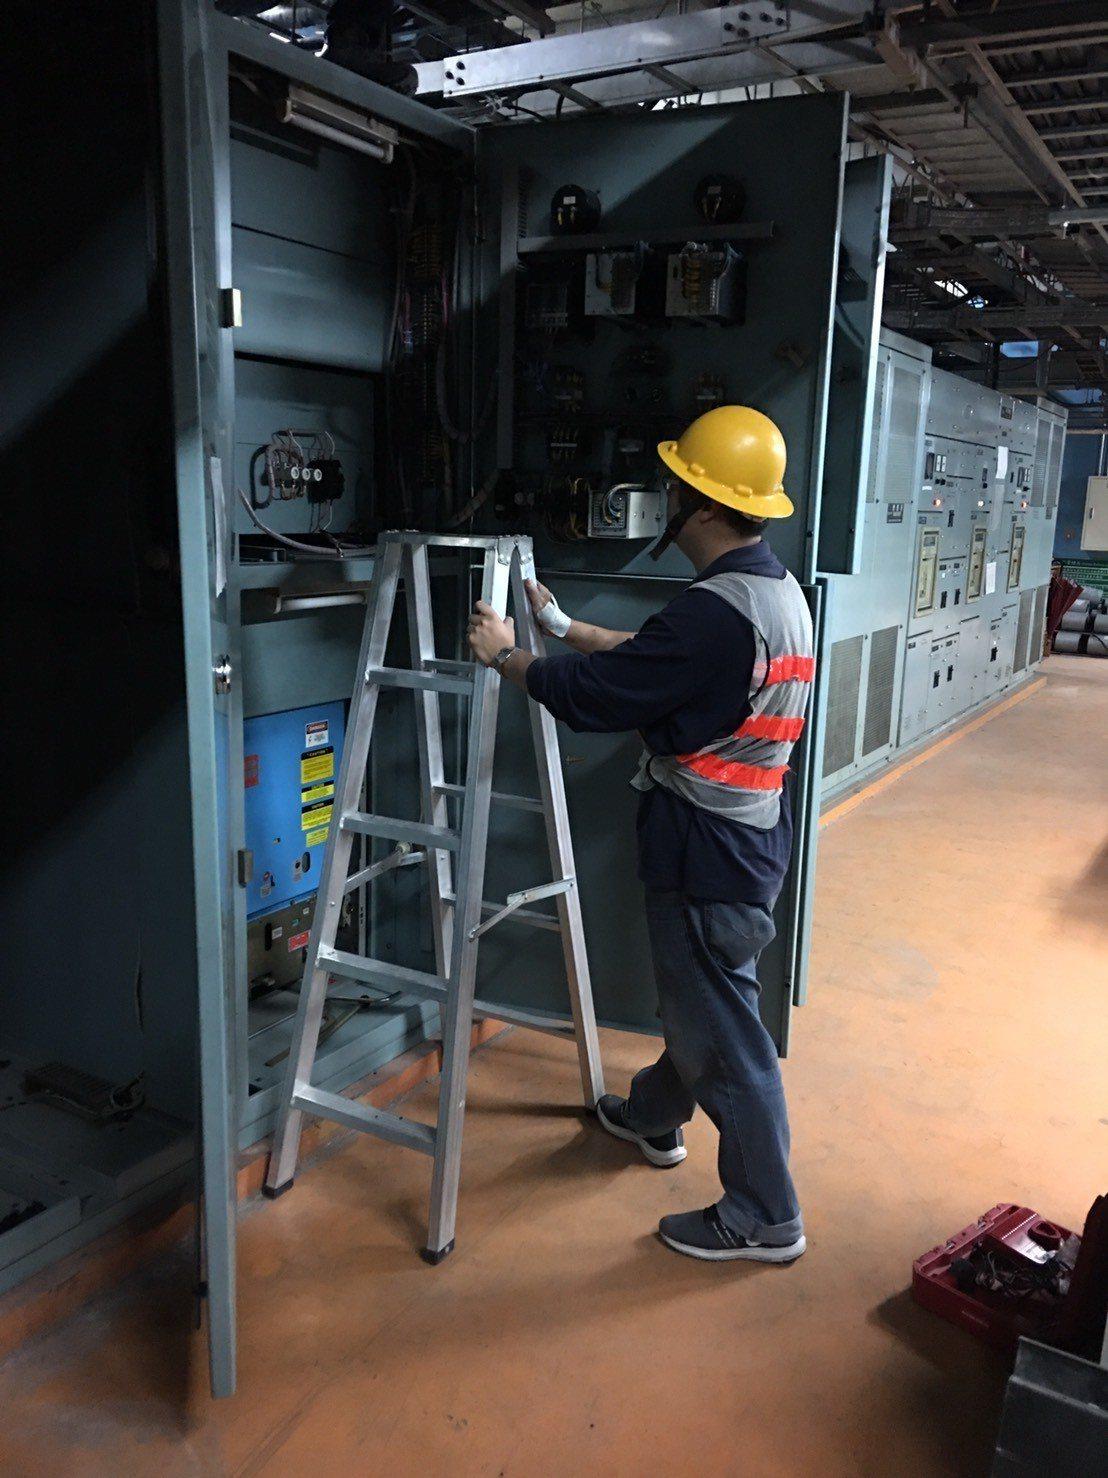 受到台鐵台北餐廳變電設備燒毁影響,台北車站1樓以及地下1樓部分區域跳電一片漆黑,...